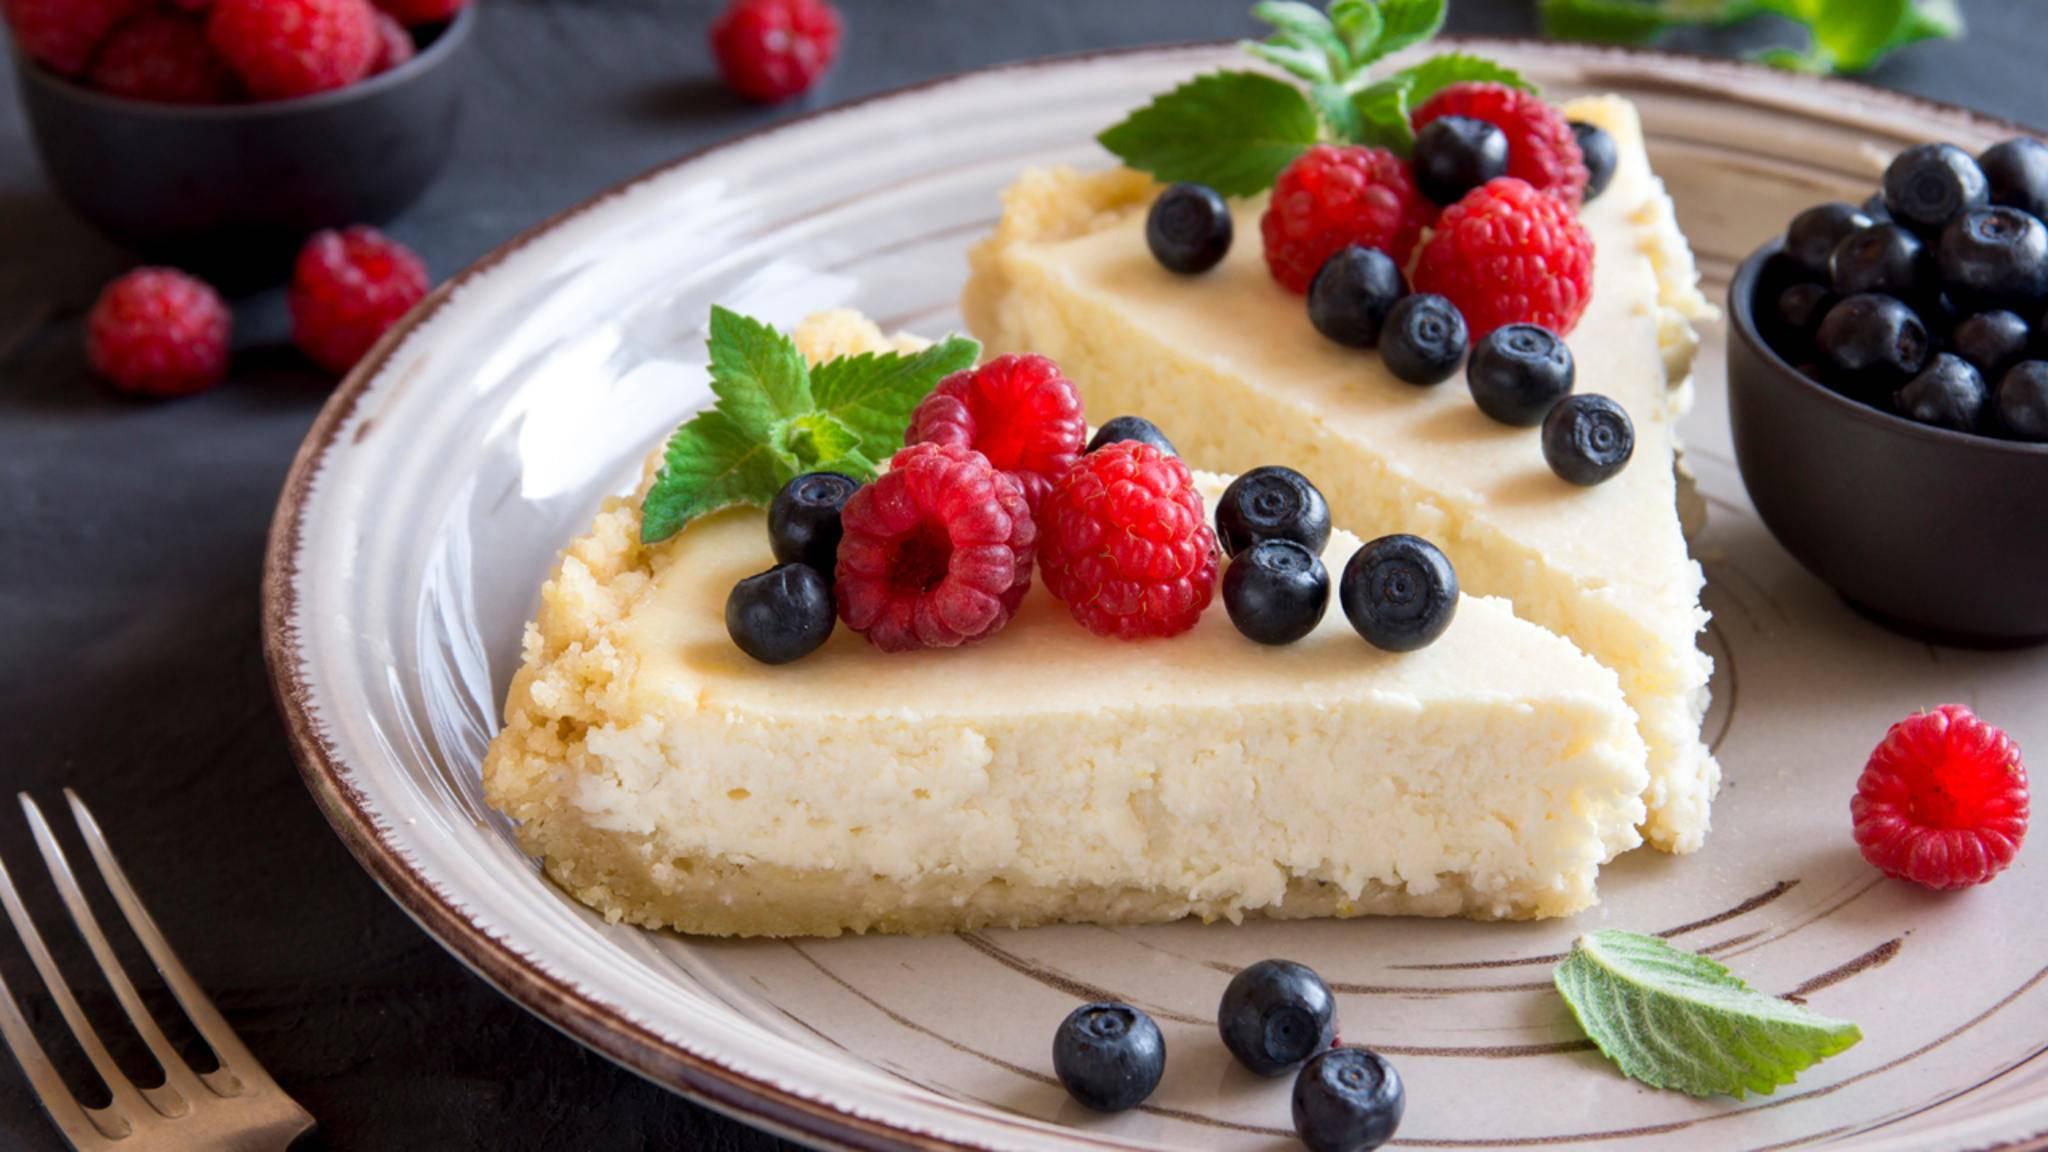 Cheesecake kannst Du in vielen Varianten auch ohne Ofen backen.